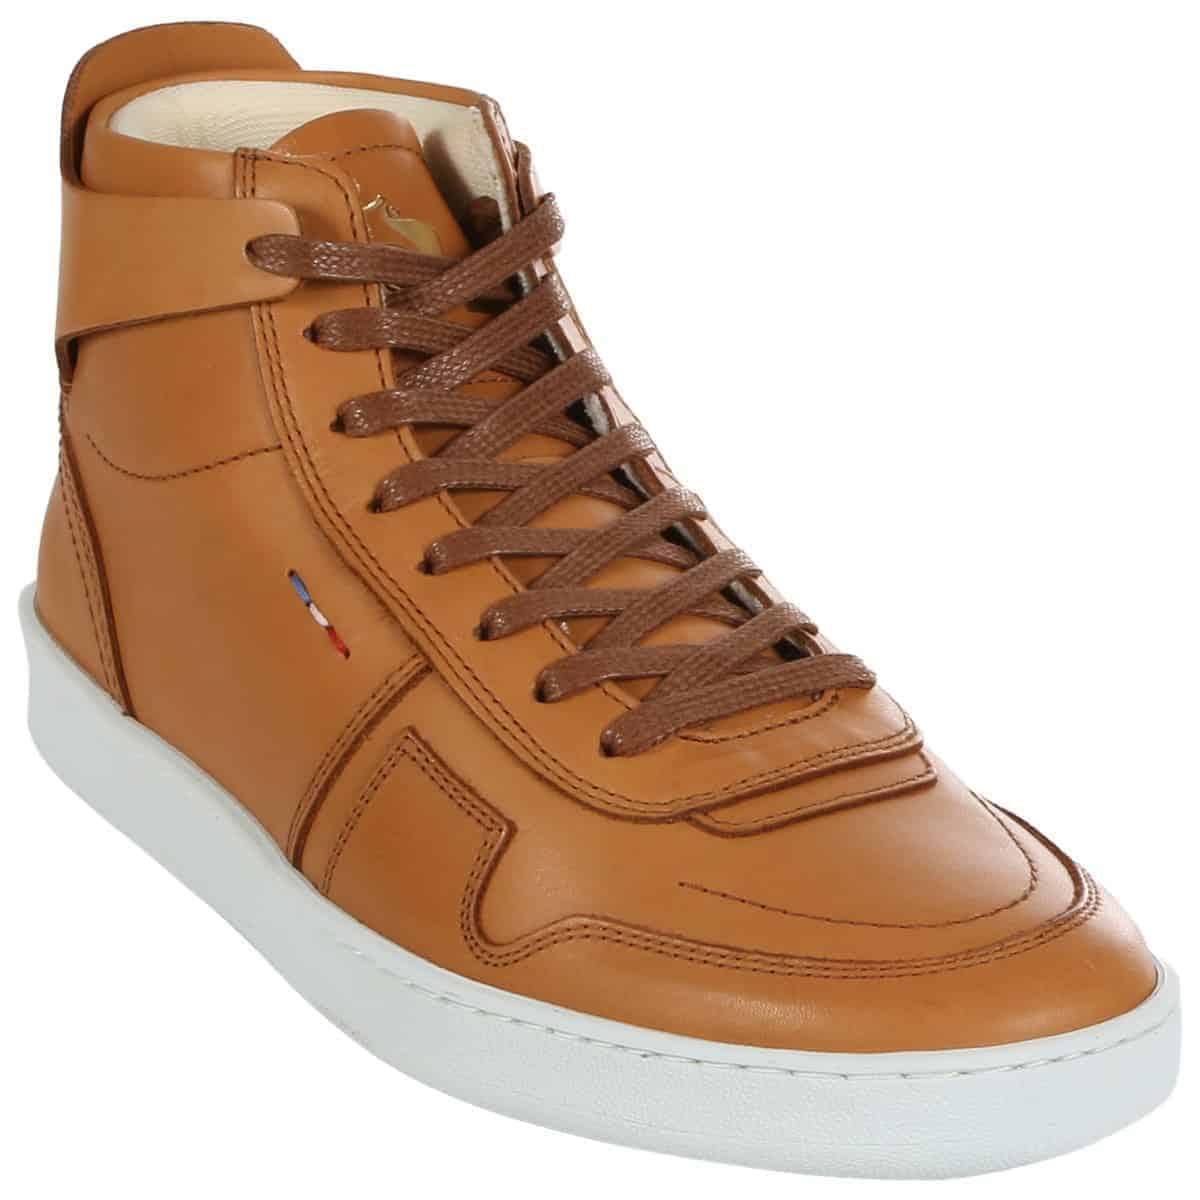 Giày Le Coq Sportif Prestige được thiết kế dành riêng cho phái nam